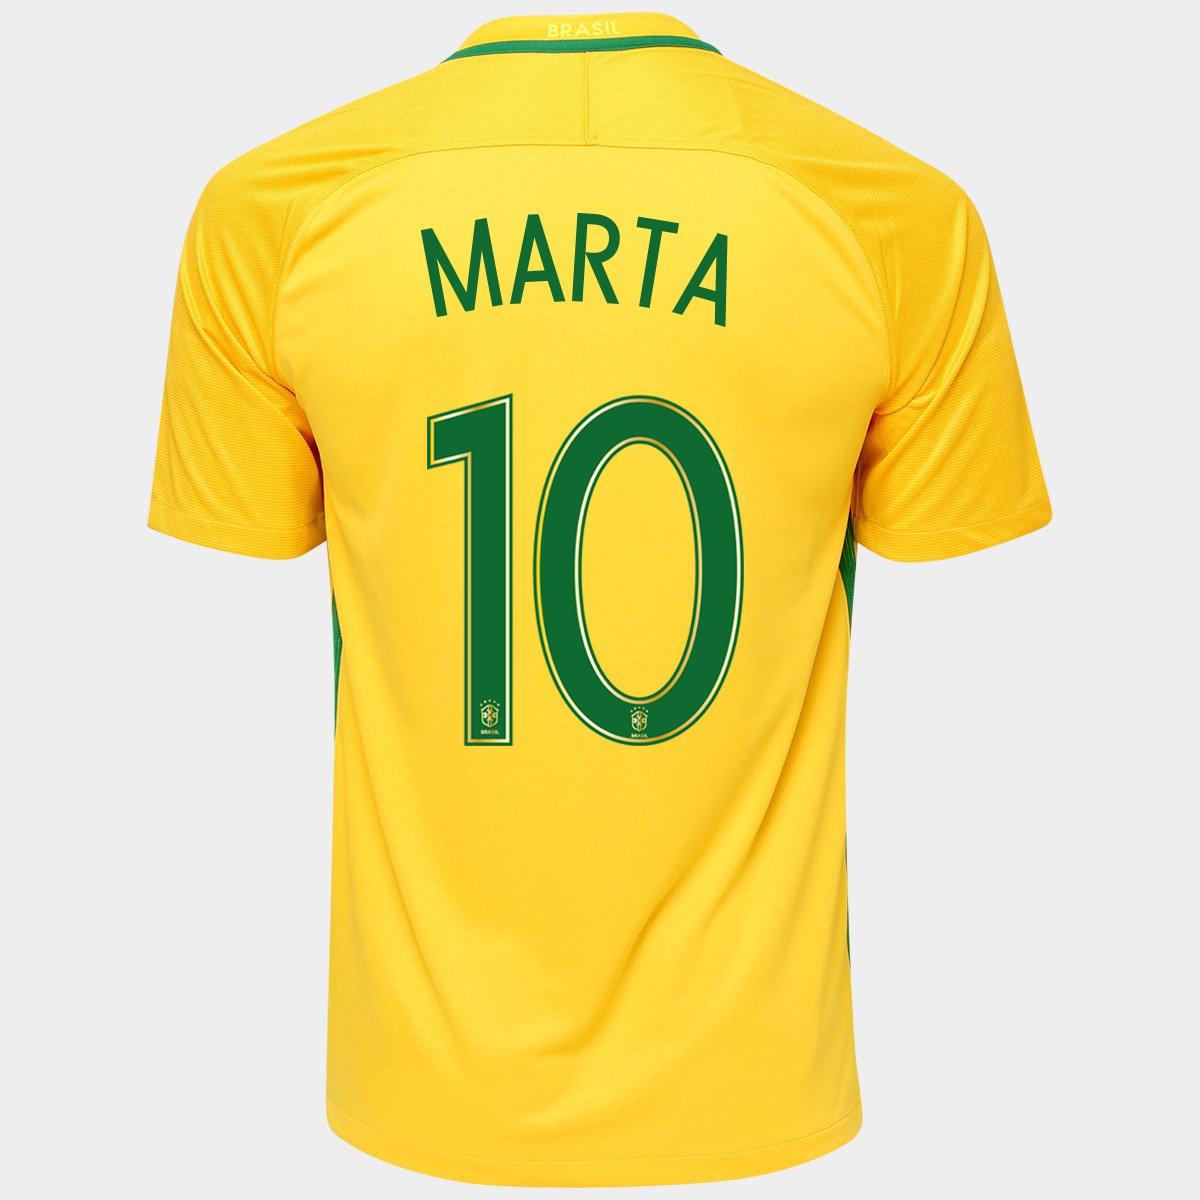 33cd81cb7a1ac Camisa Nike Seleção Brasil I 2016 nº 10 - Marta - Compre Agora ...